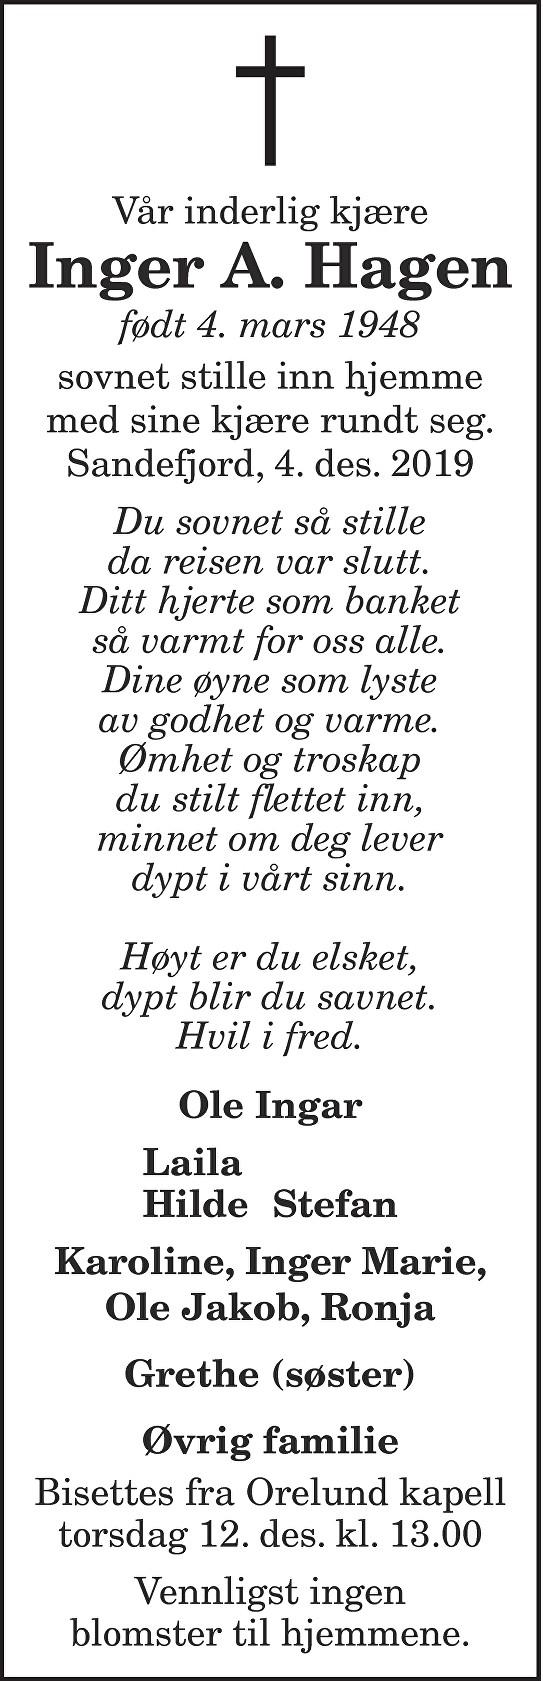 Inger A. Hagen Dødsannonse